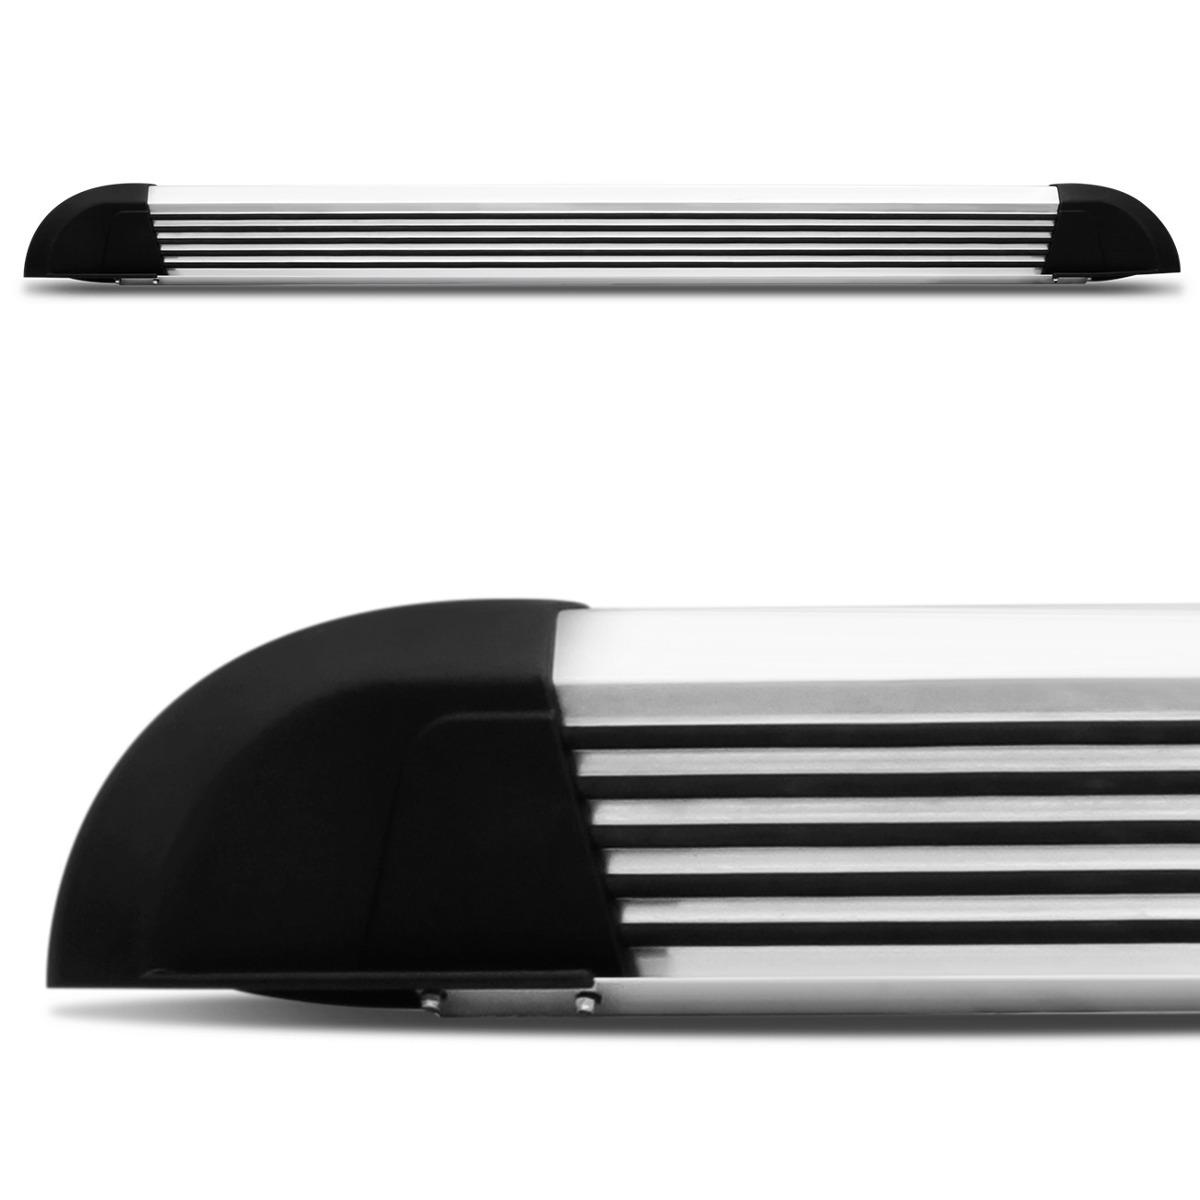 Estribo de alumínio s10 cabine dupla até 2011 - bepo